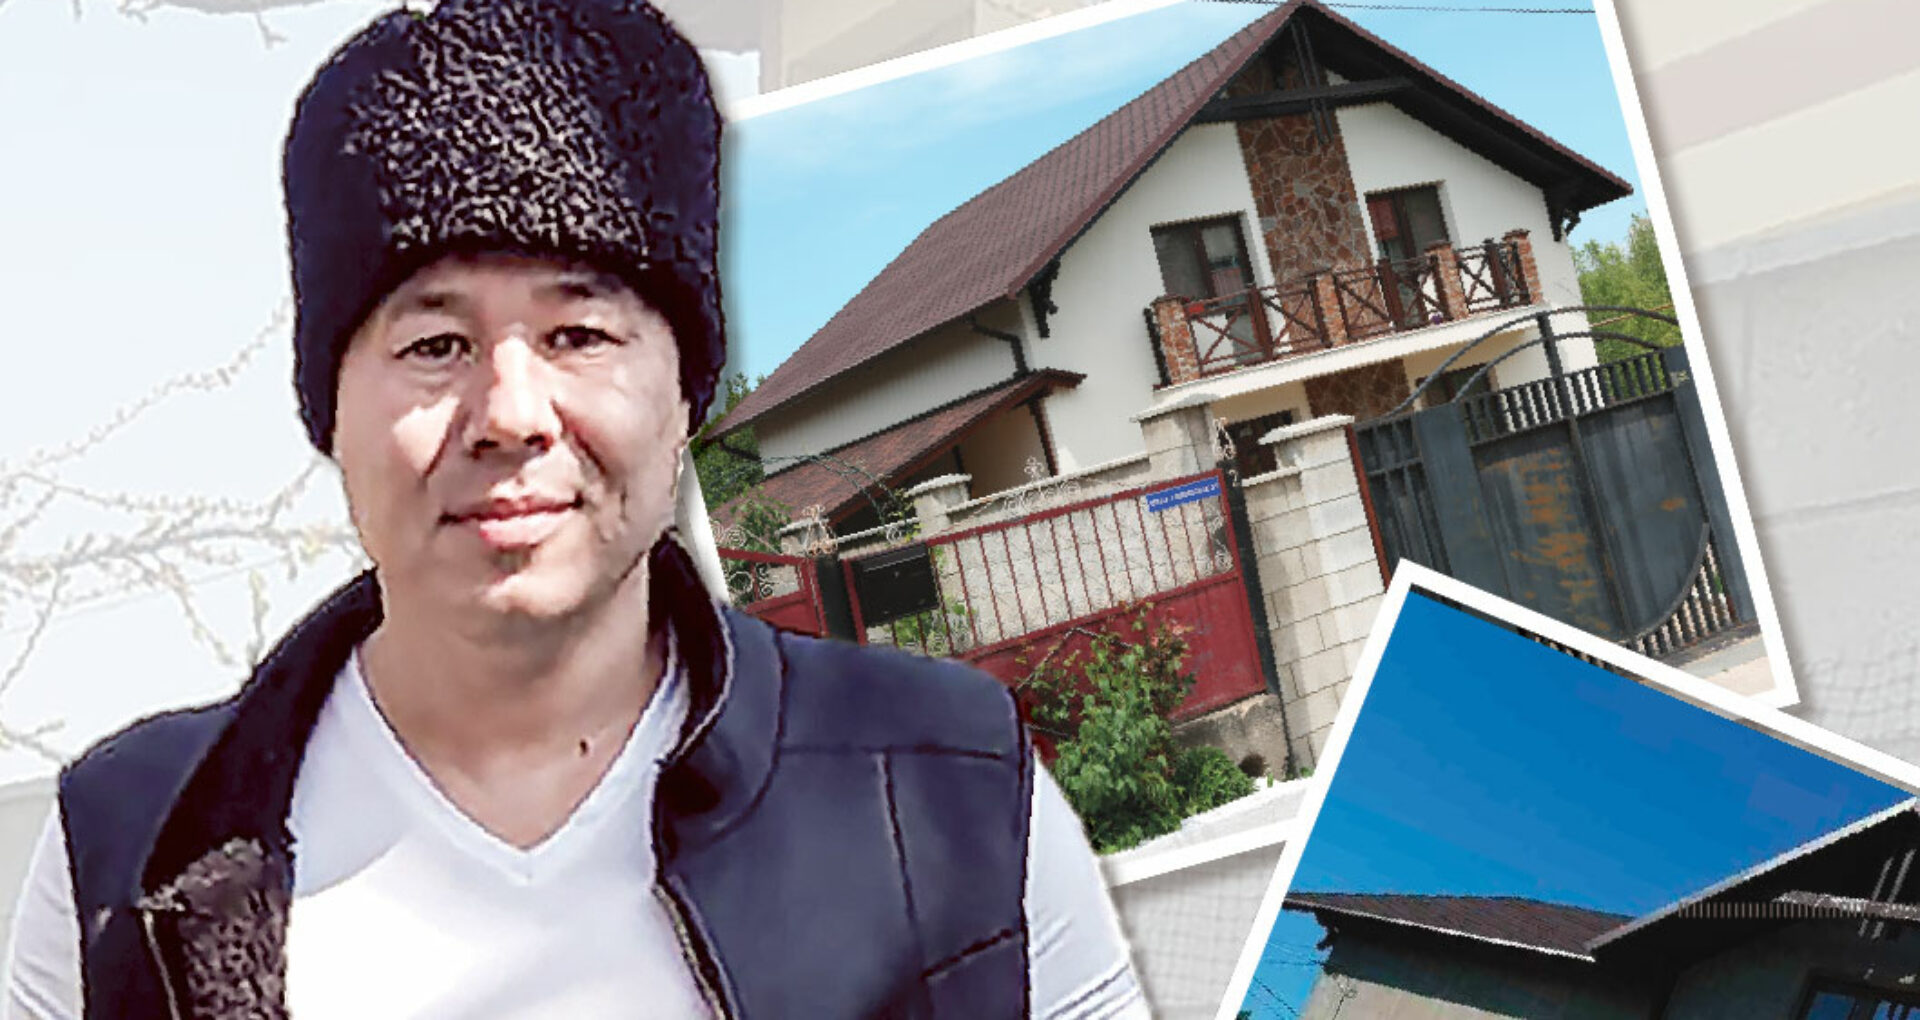 ZDG| Deputatul Bogdat Țîrdea cu mașini scumpe și casă în capitală, dar cu venituri modeste